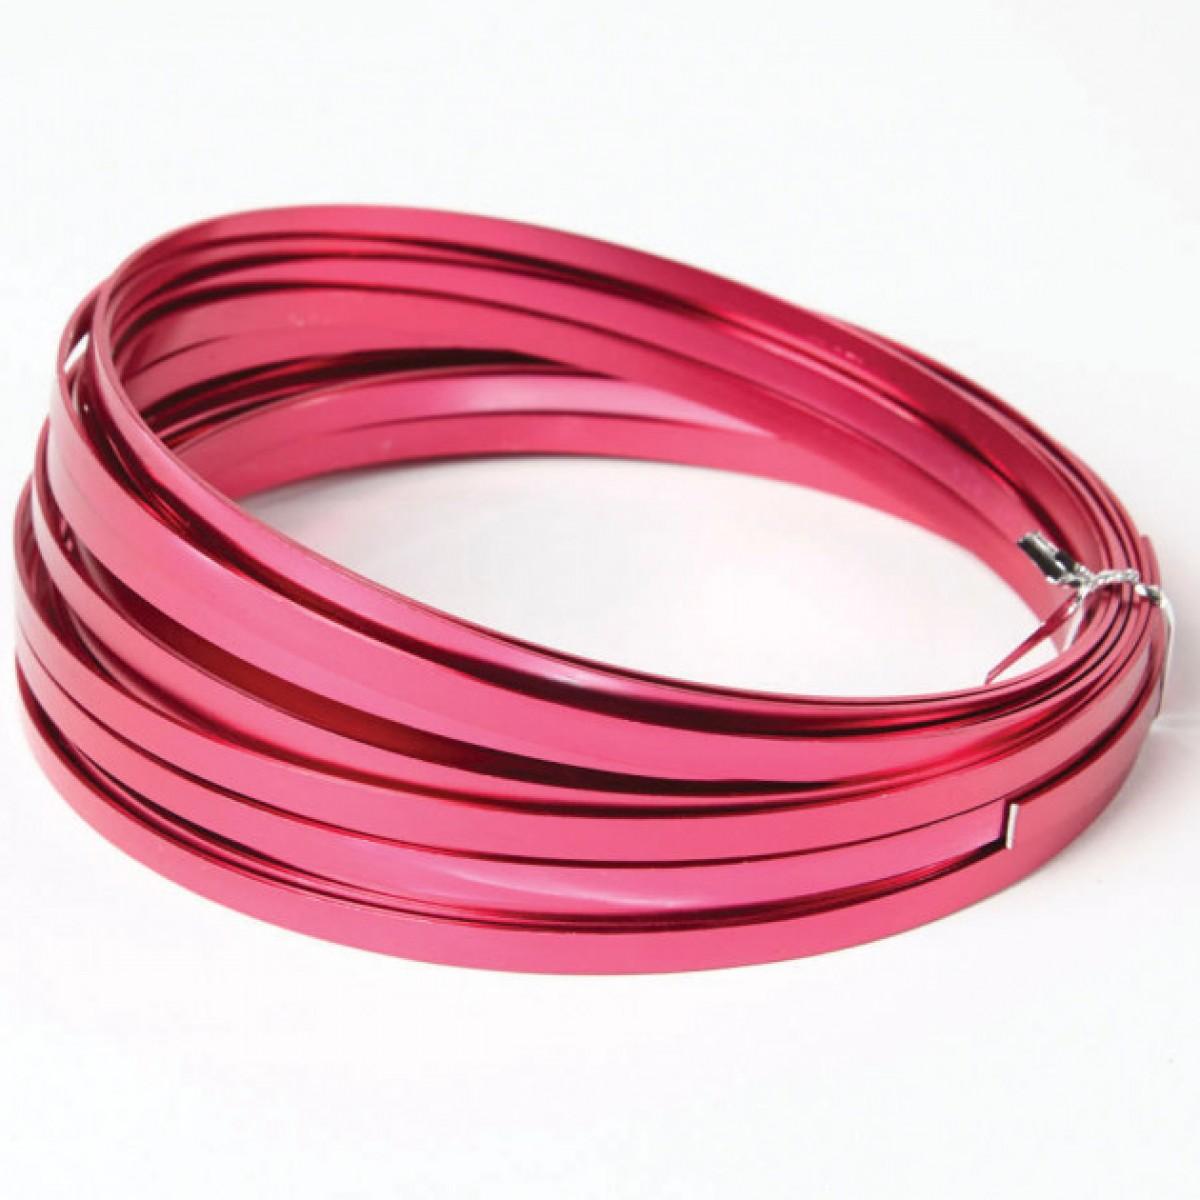 Flat Aluminium Wire Strong Pink 1mmx5mmx100g 1 No